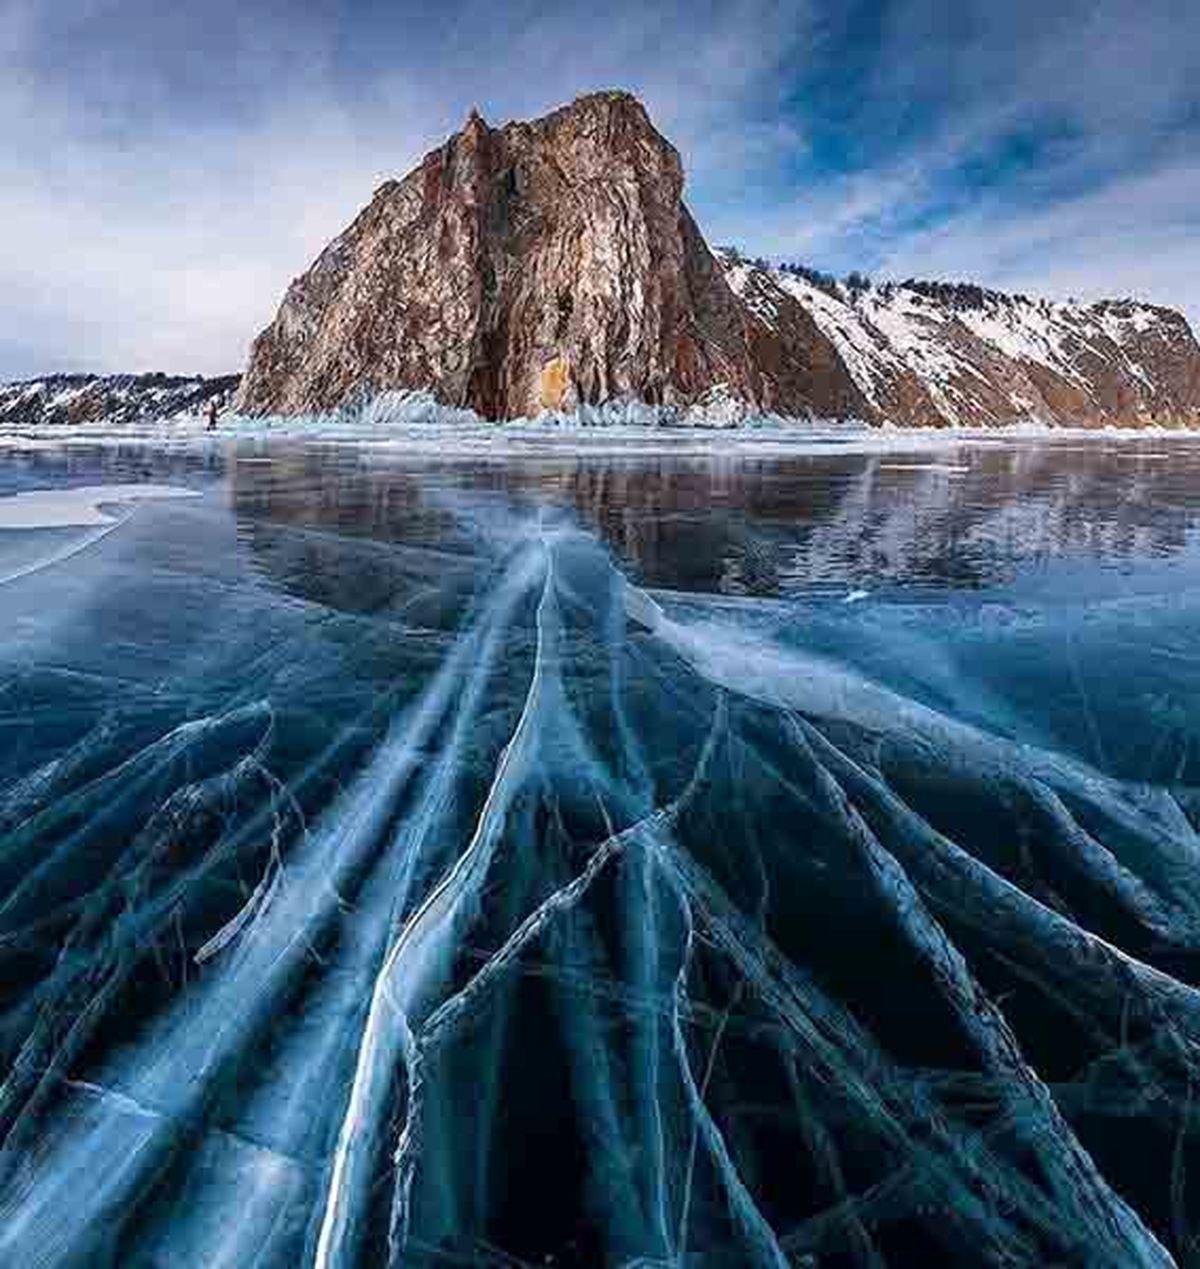 عمیق ترین دریاچه جهان با یک پنجم کل آب شیرین زمین + عکس